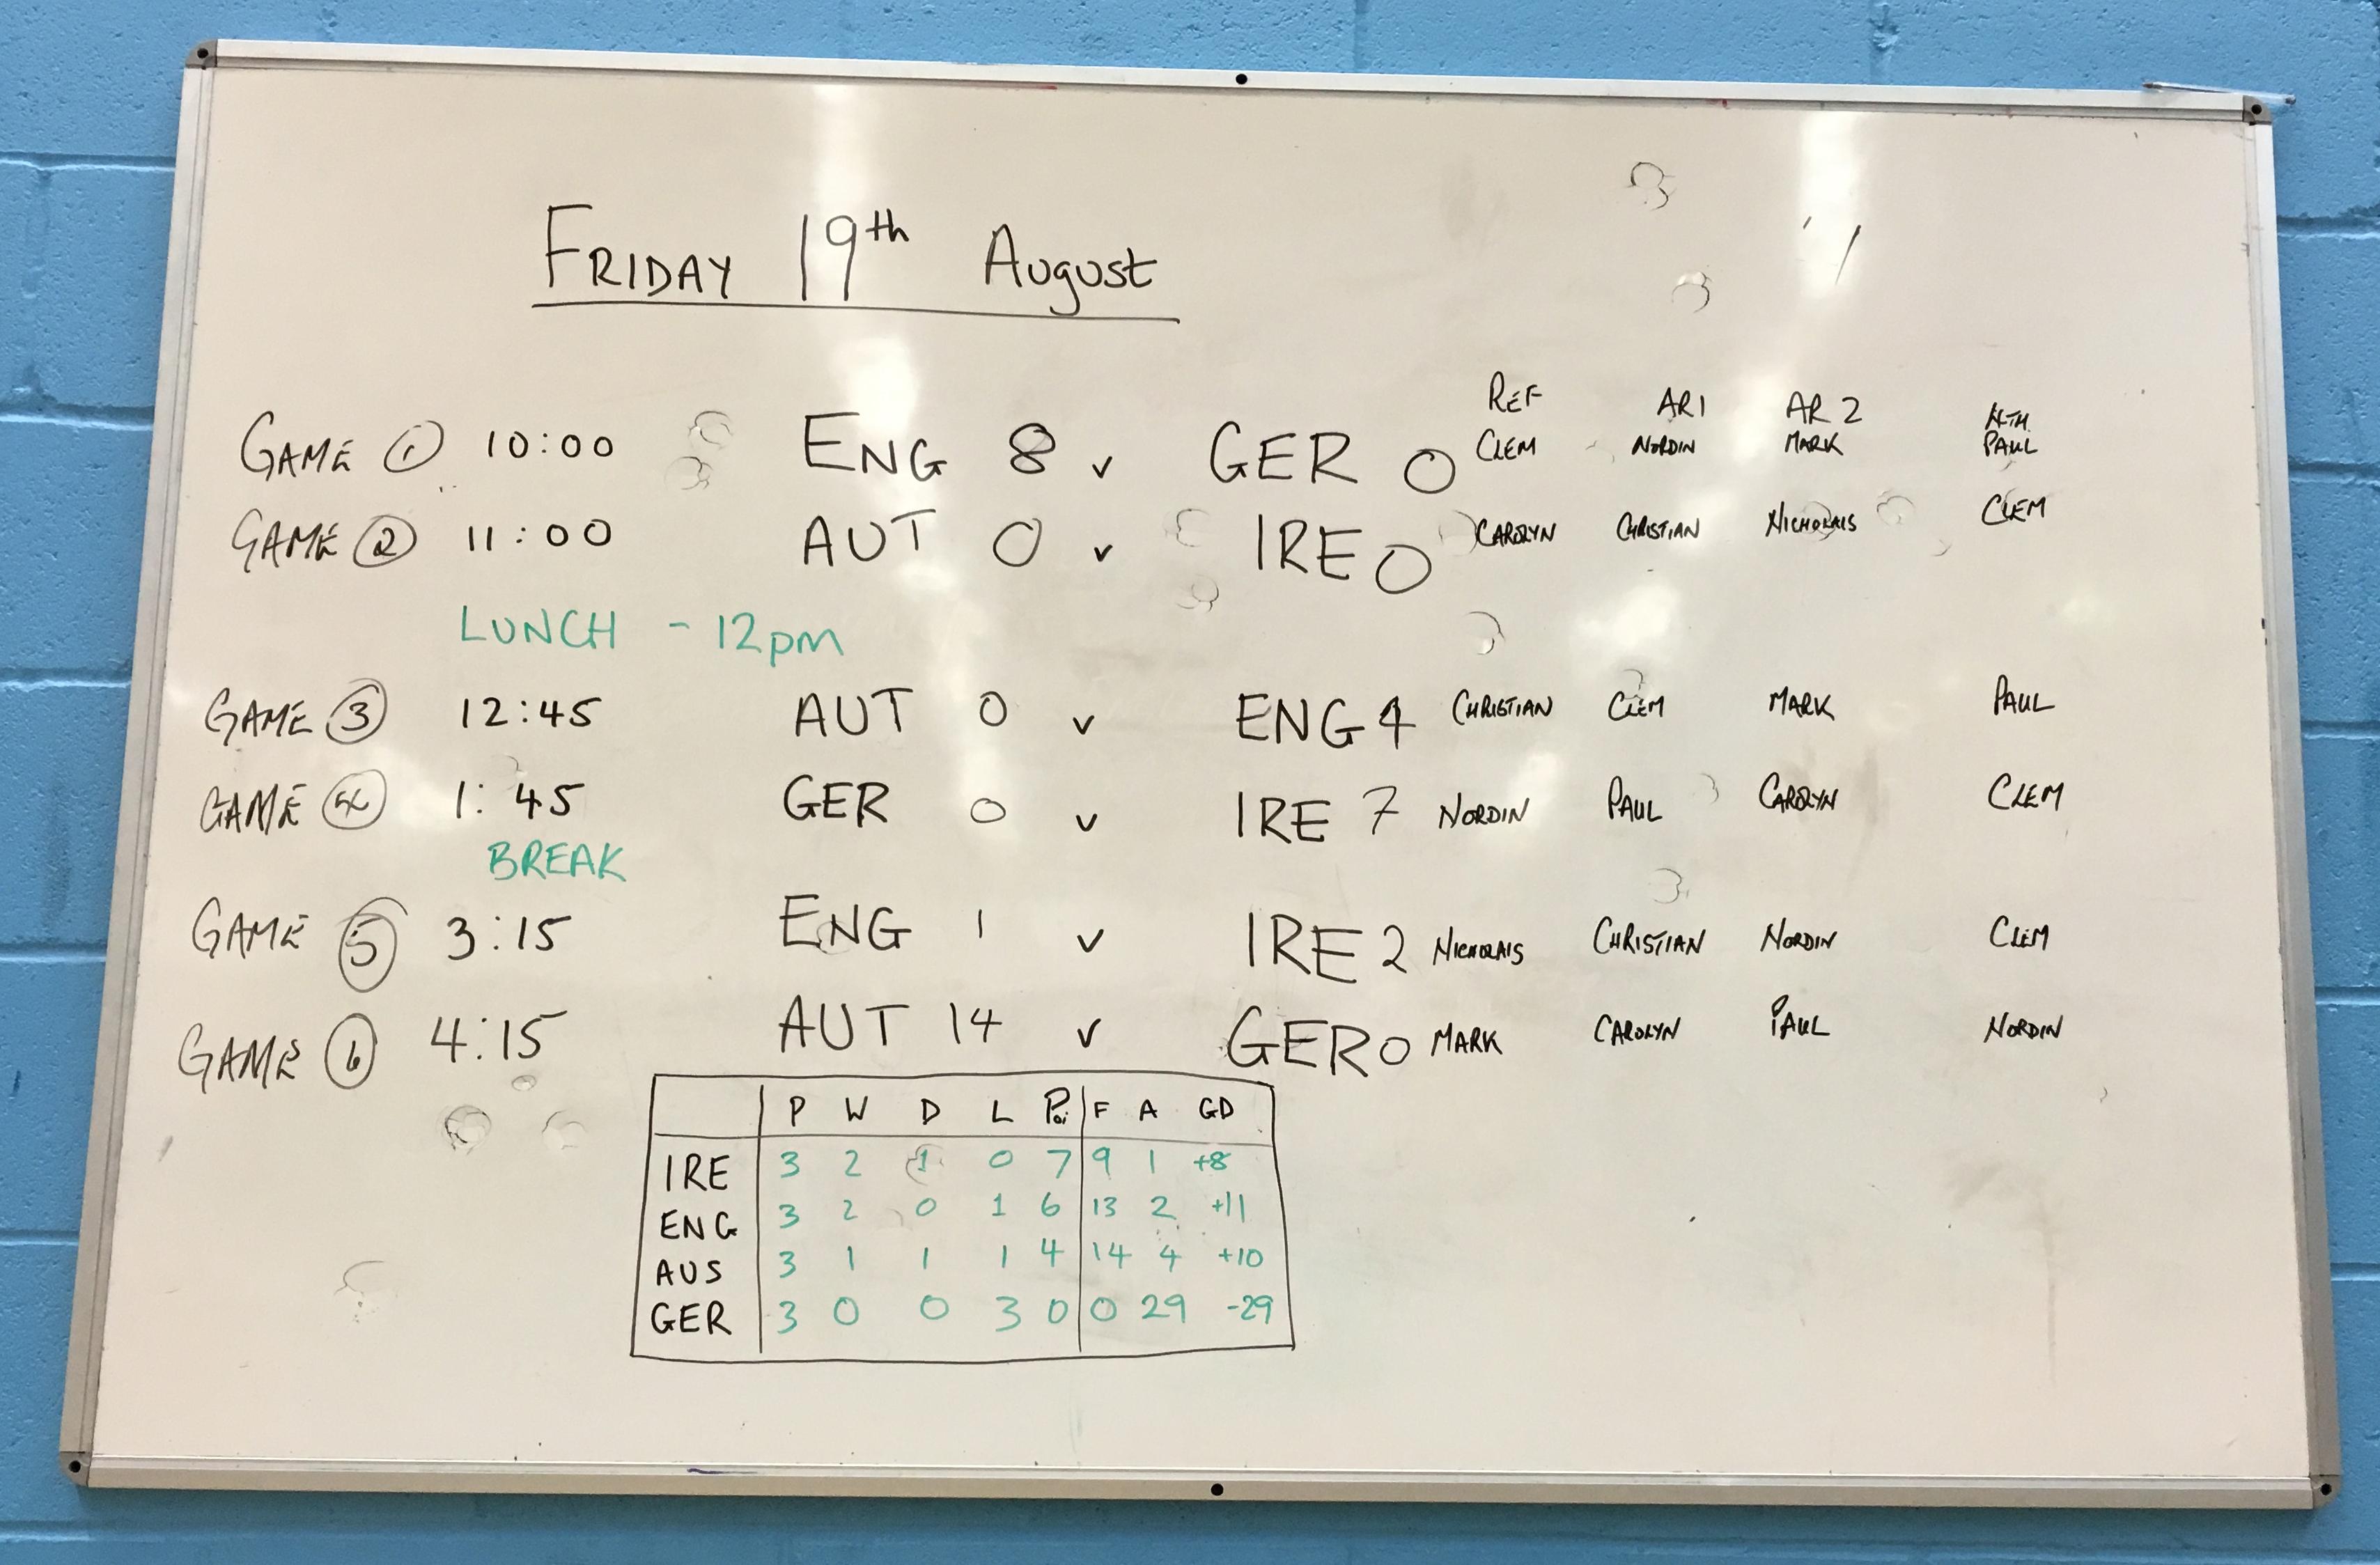 Tabelle der Vorrunde des Turniers am 19. August 2016 in Sevenoaks / England